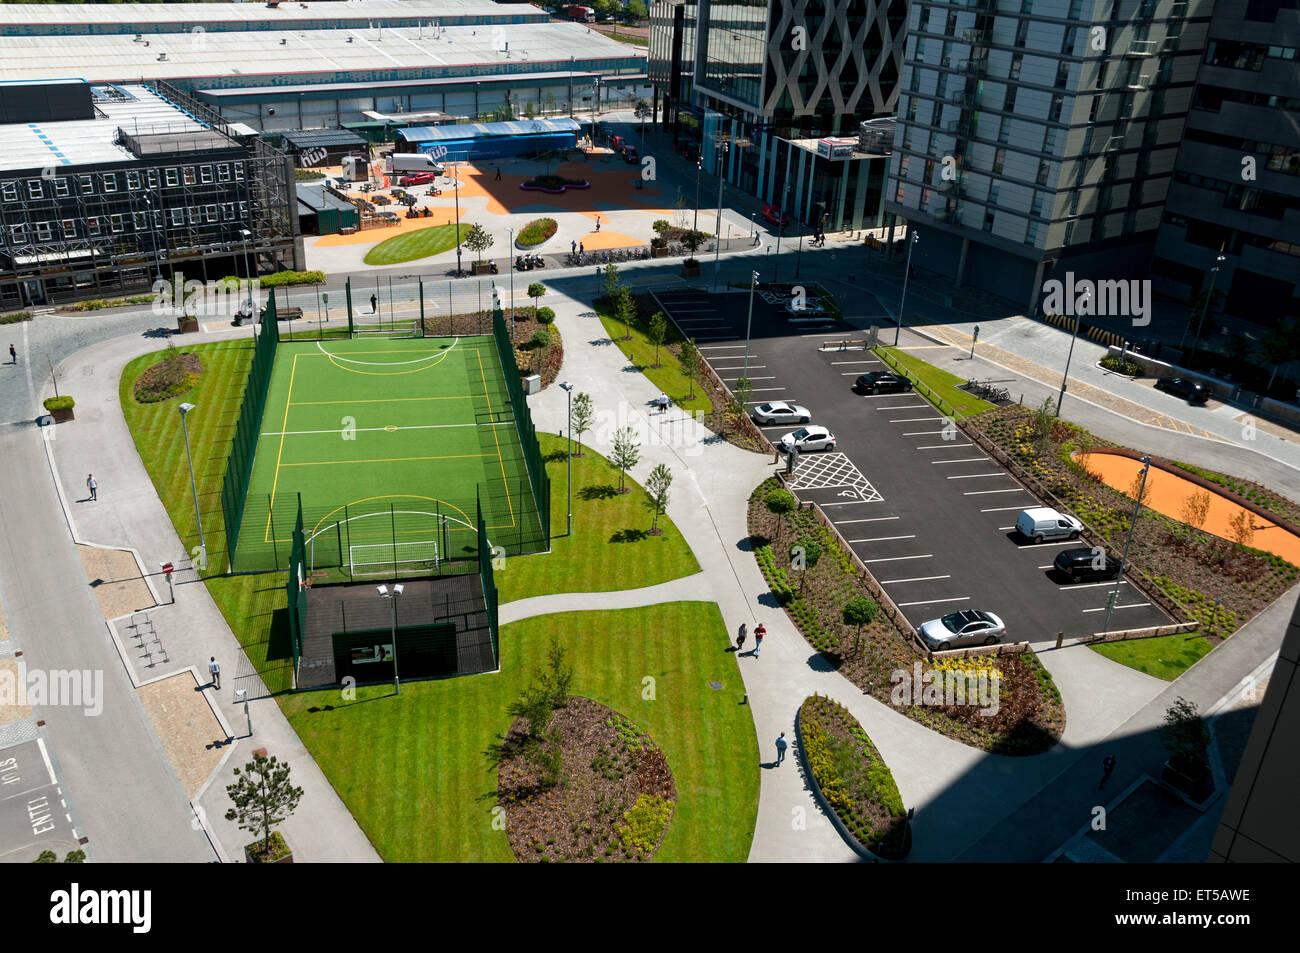 """""""Il passo"""", calcetto e netball impianto sportivo a MediaCityUK, Salford Quays, Manchester, Inghilterra, Immagini Stock"""